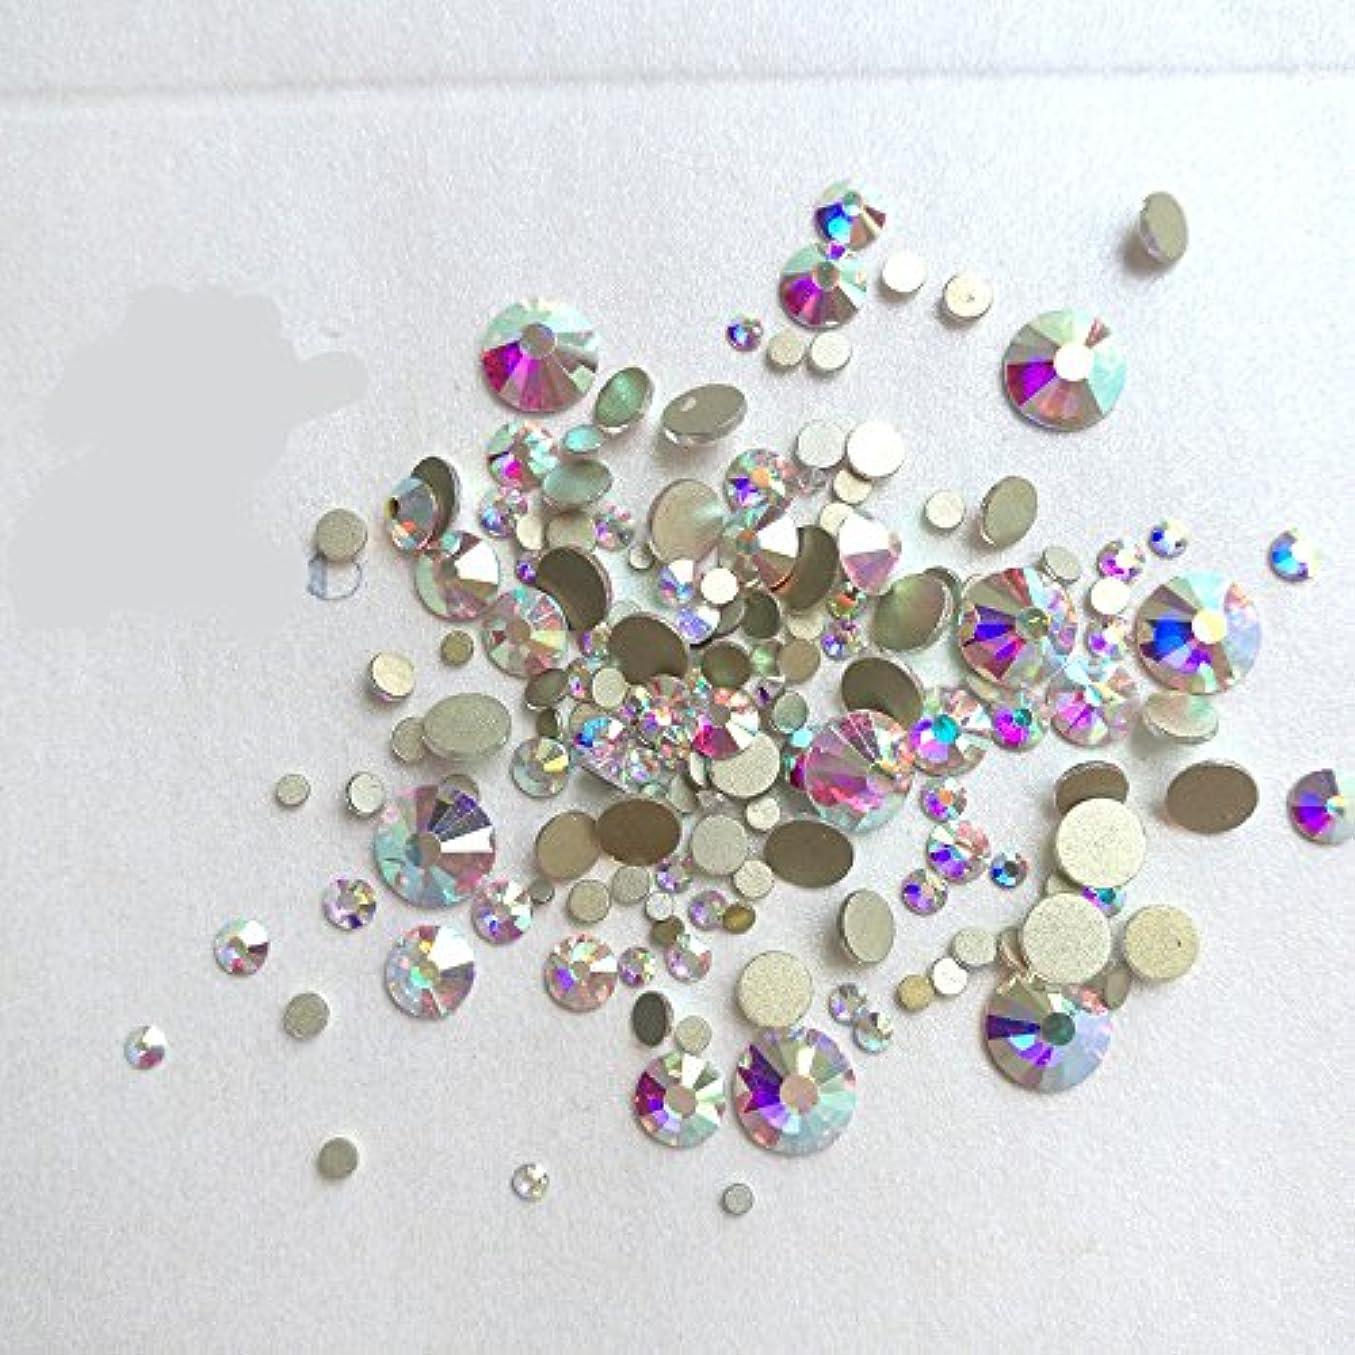 無臭締め切り不良ガラス製ラインストーン クリスタルAB 各サイズ選択可能(4.8mm (SS20) 約1440粒) [並行輸入品]